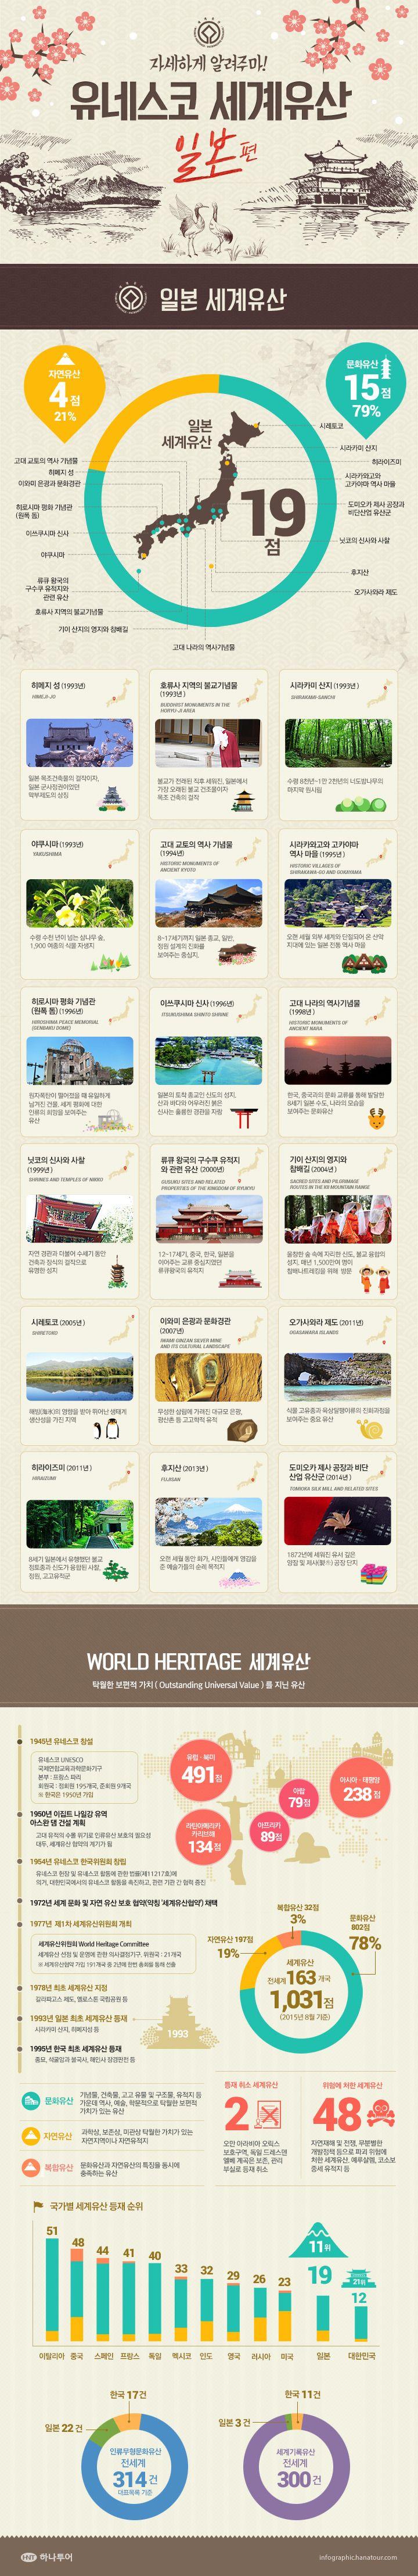 일본 유네스코 세계유산에 관한 인포그래픽